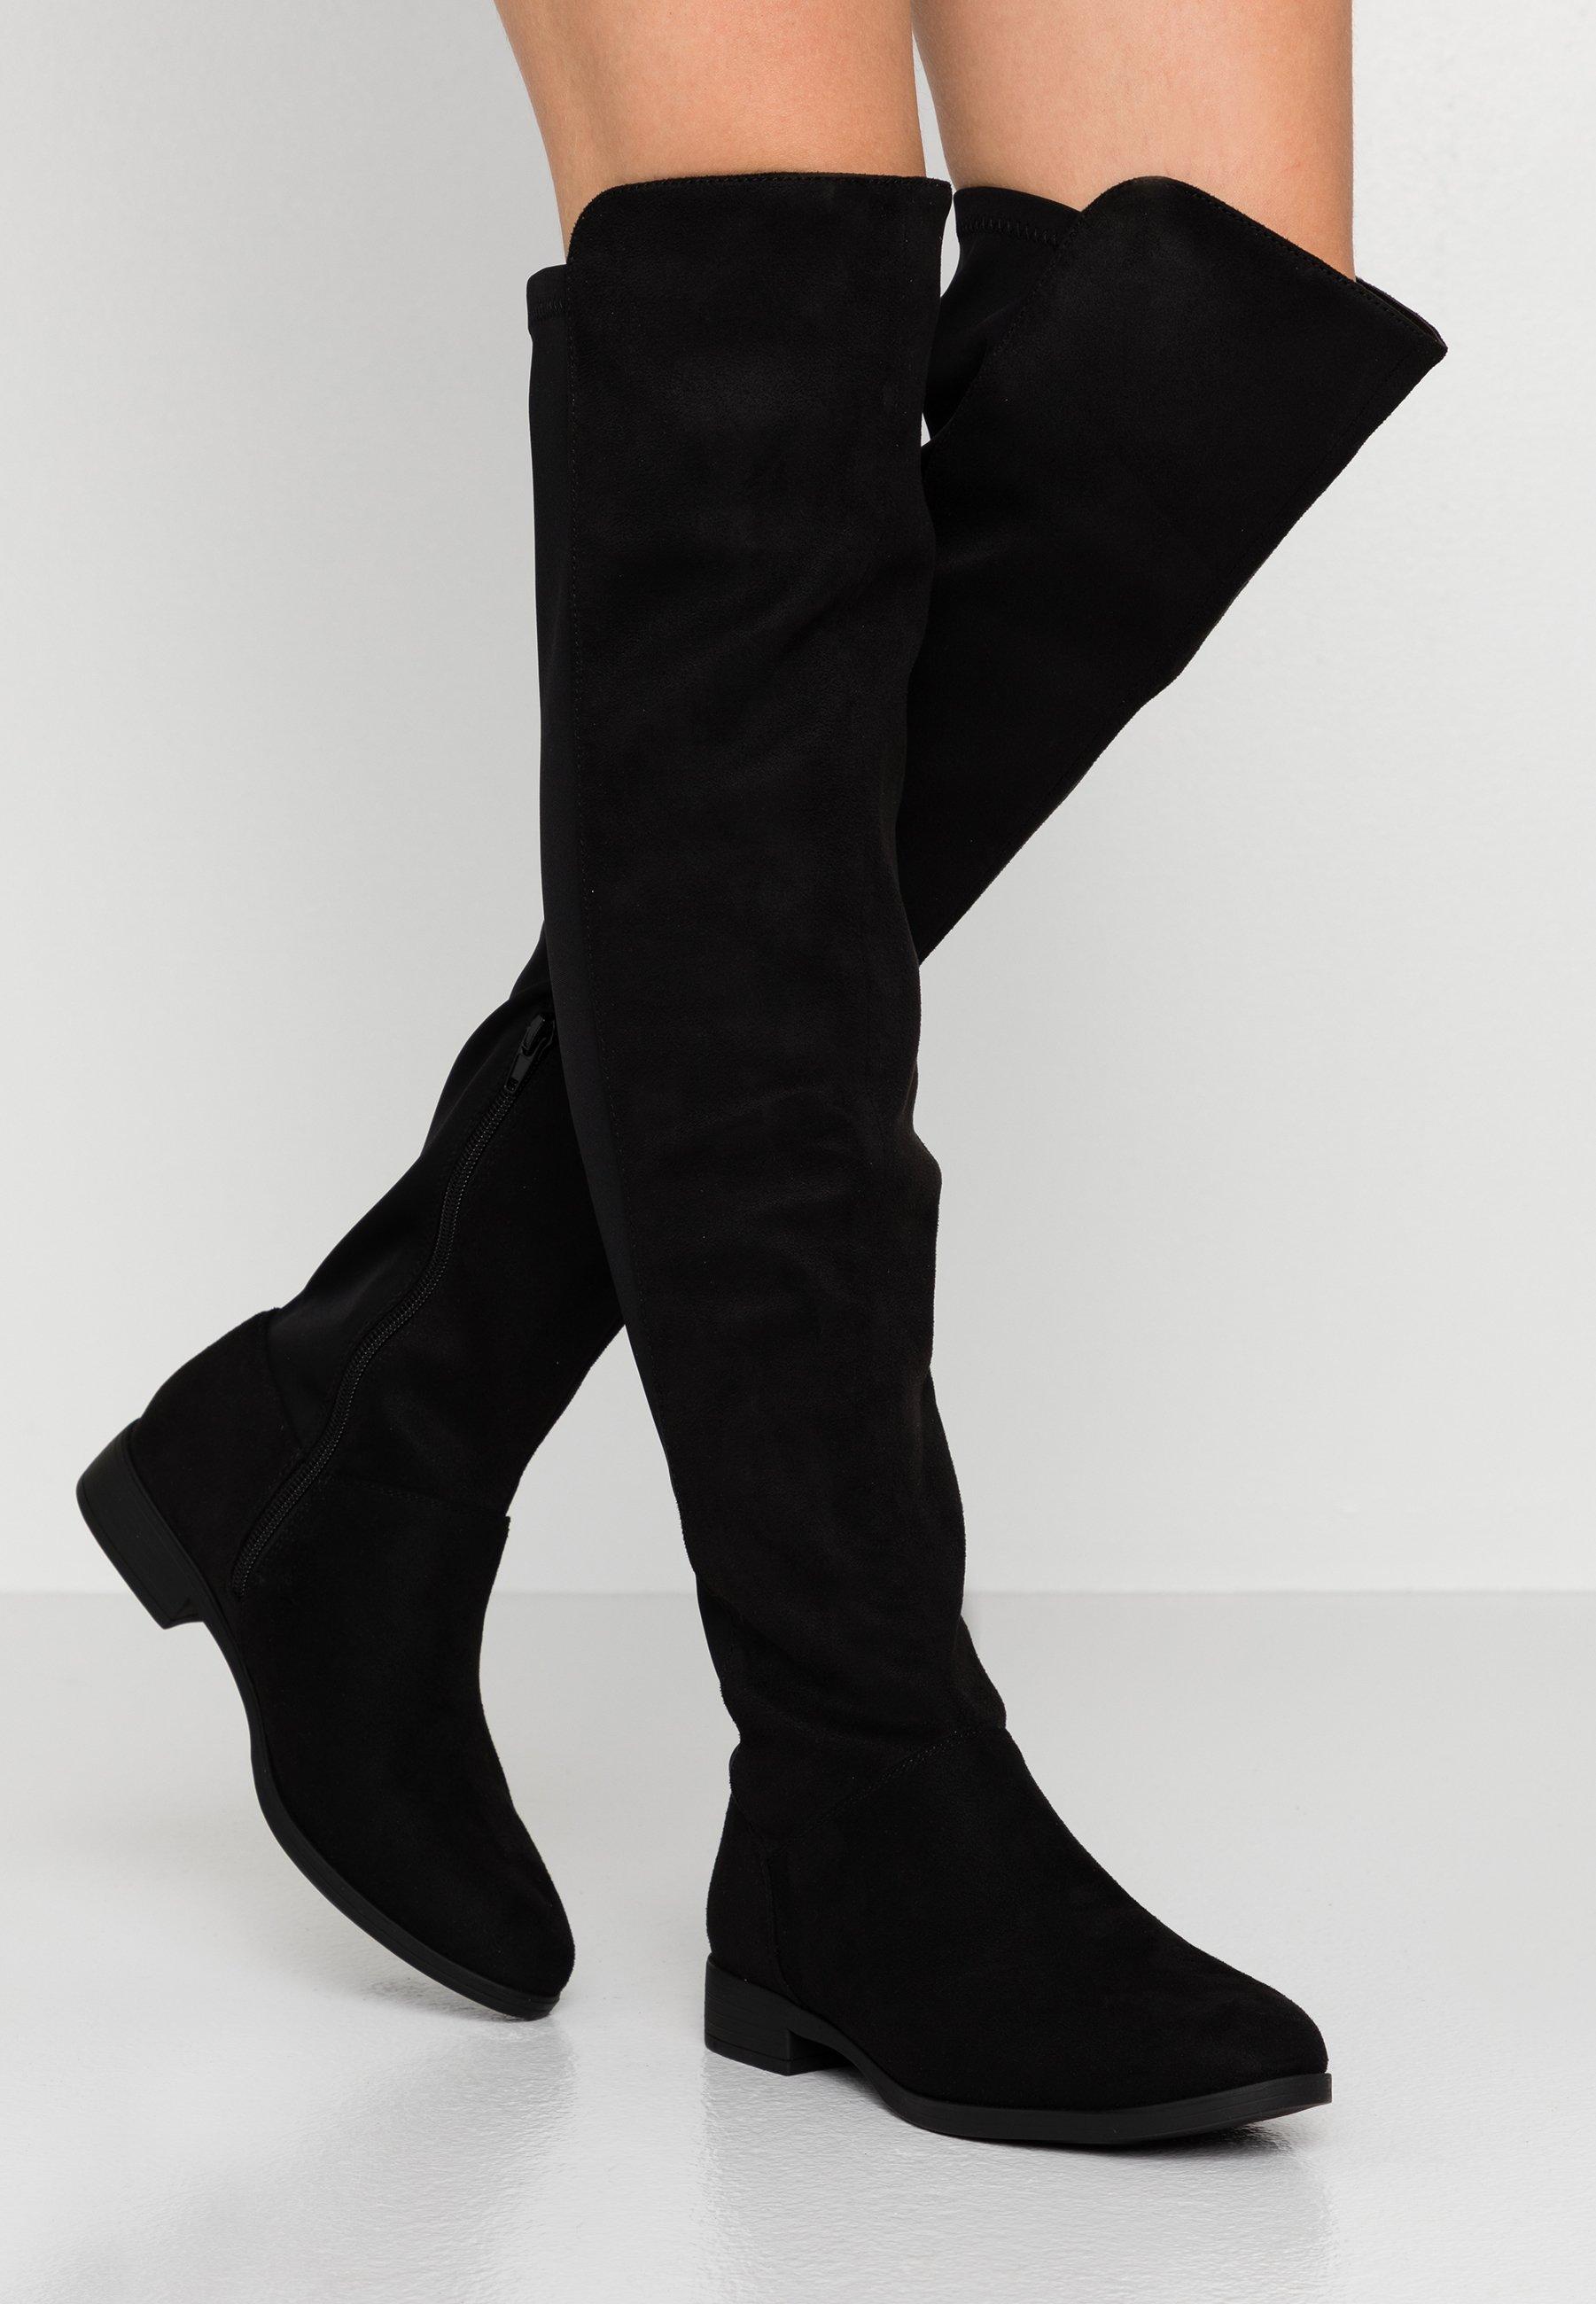 Stivali da donna | La collezione su Zalando